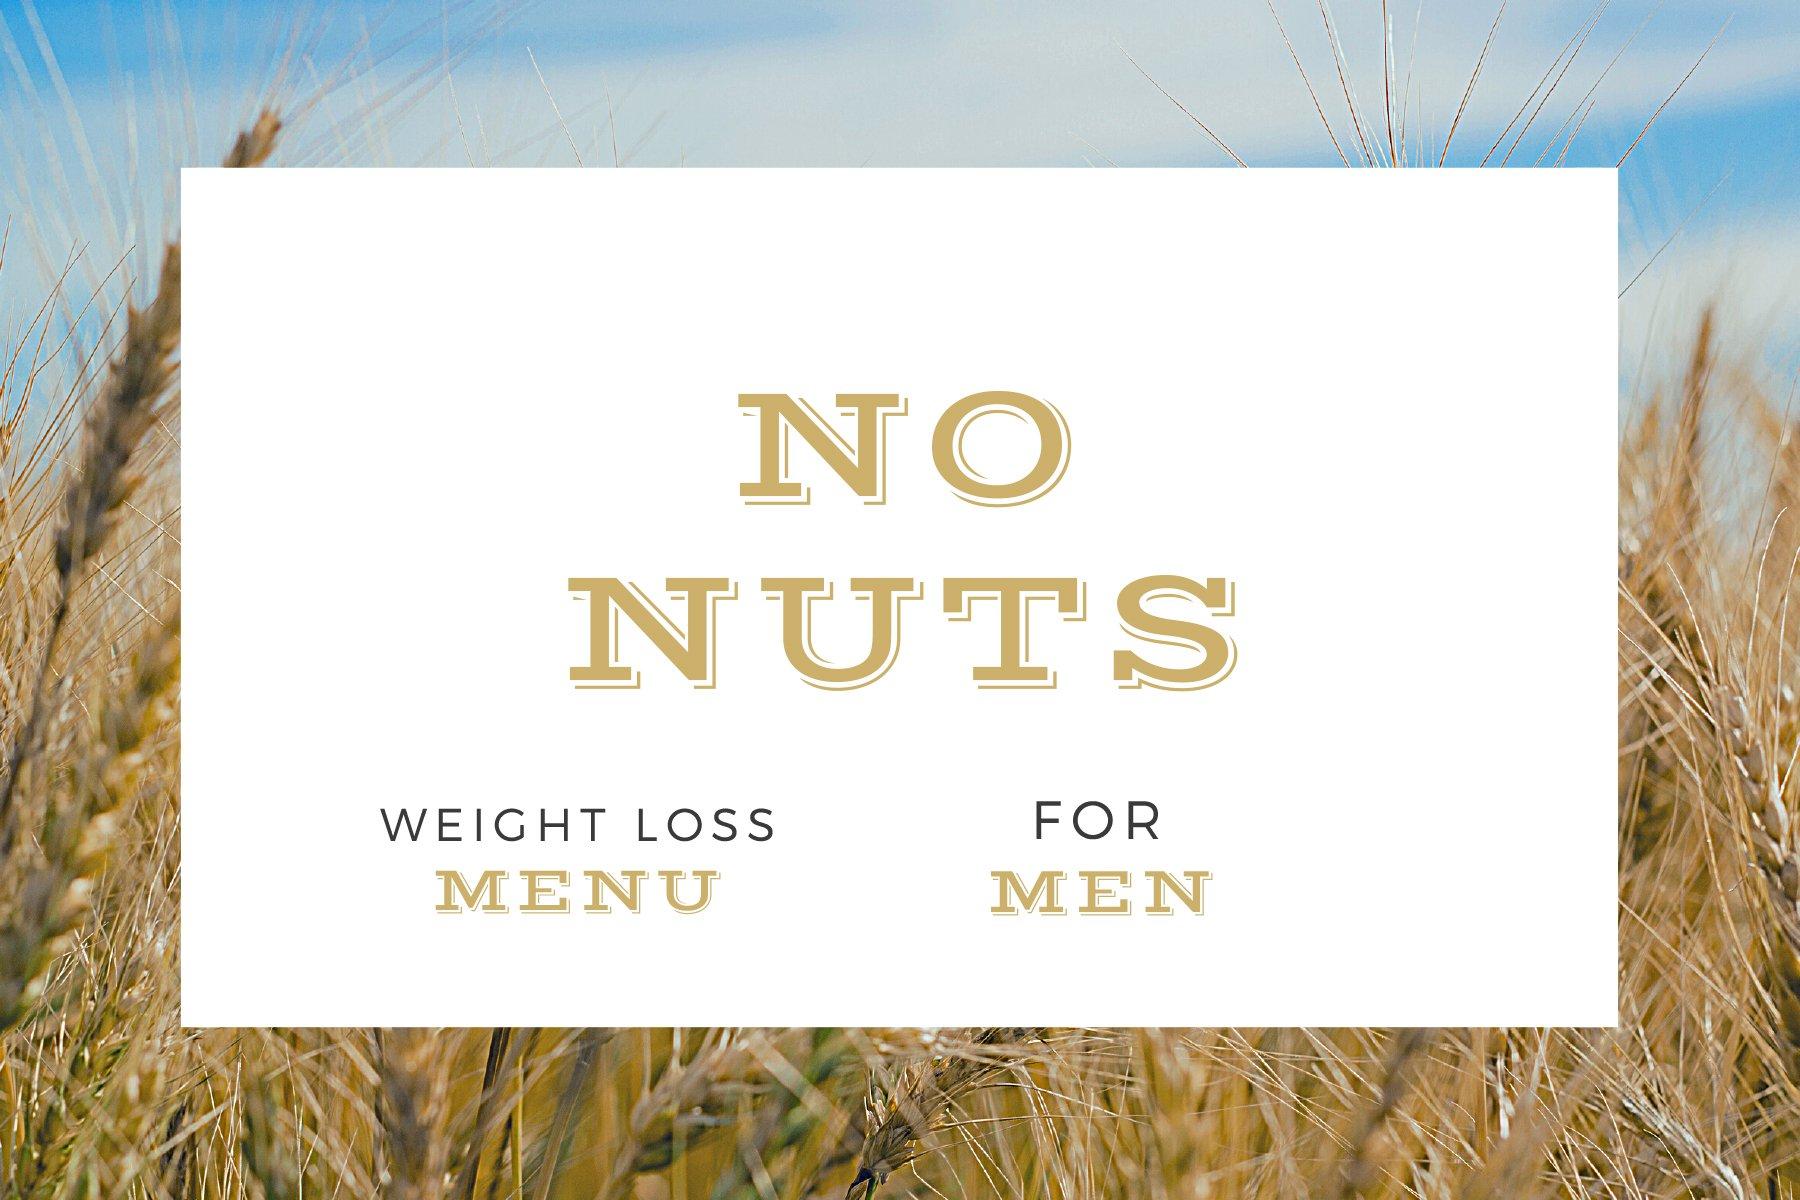 NO NUTS – WEIGHT LOSS MENU FOR MEN